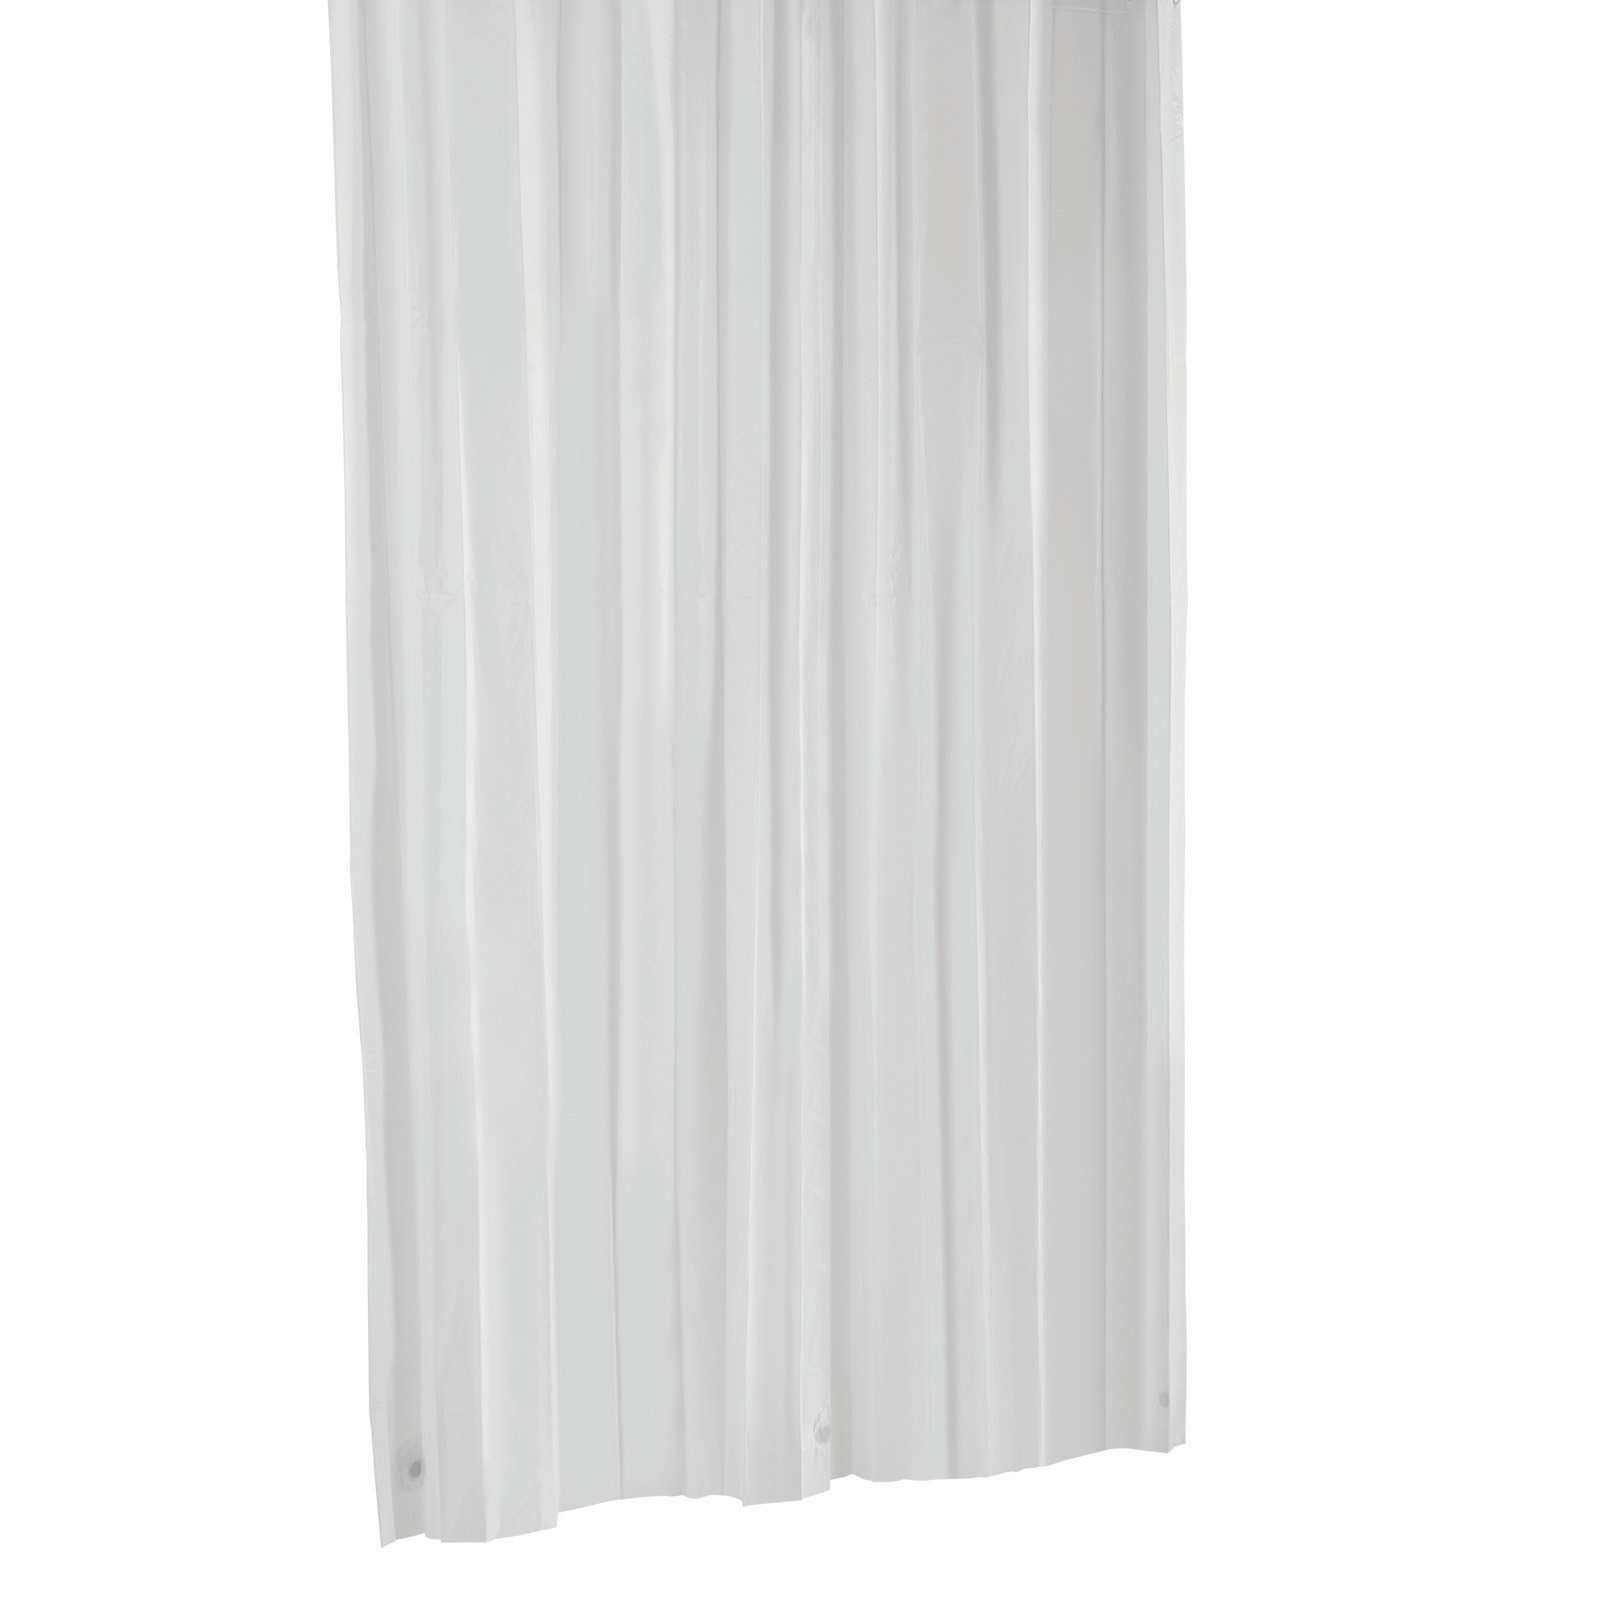 Barelli 180 x 180cm Frosting White Peva Shower Curtain